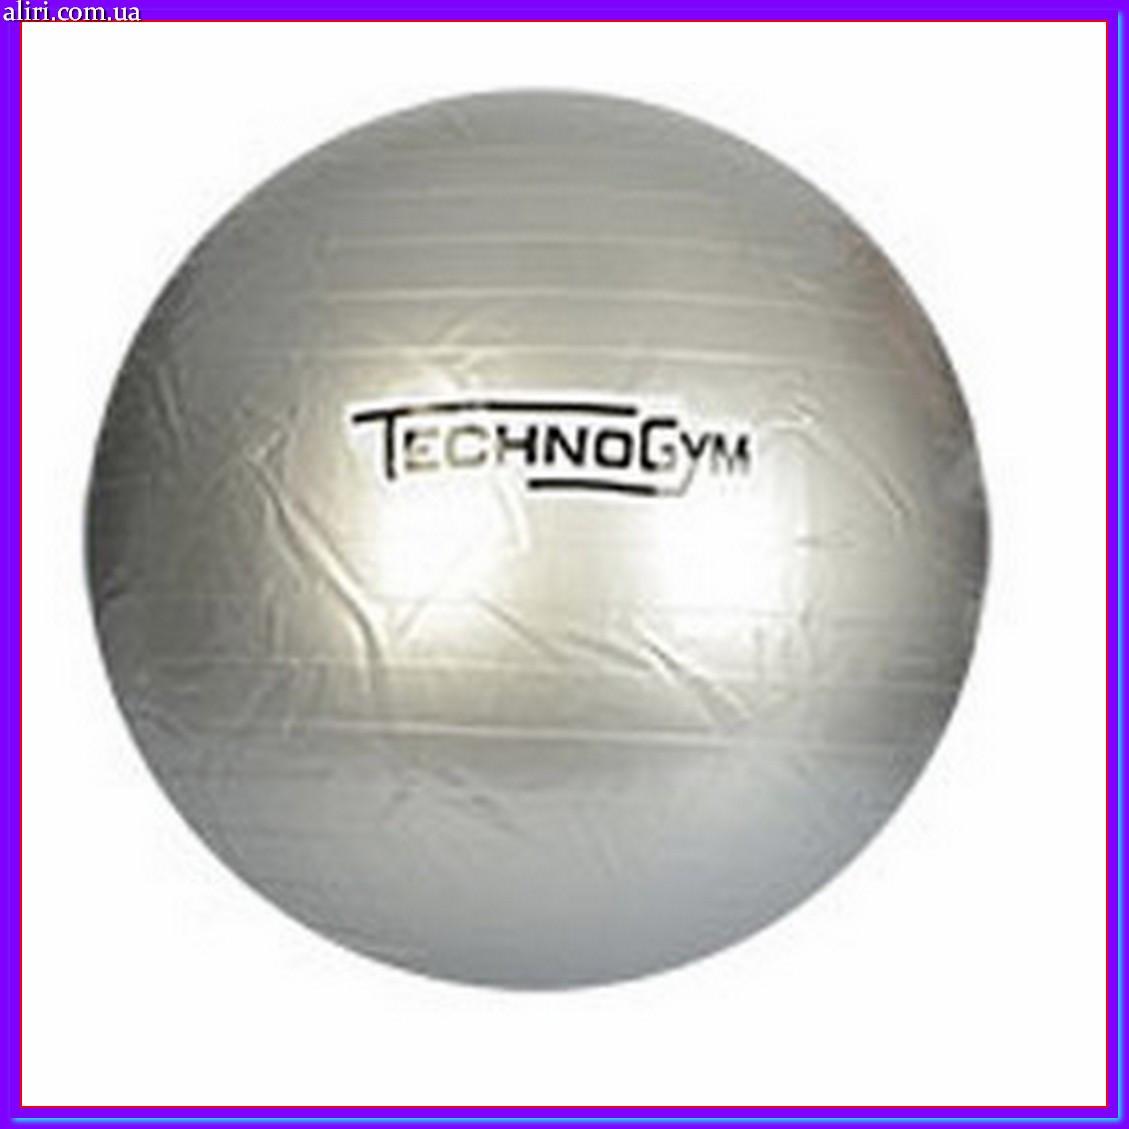 Мяч для фитнеса Techno Gym MS 0983 серый 75 см